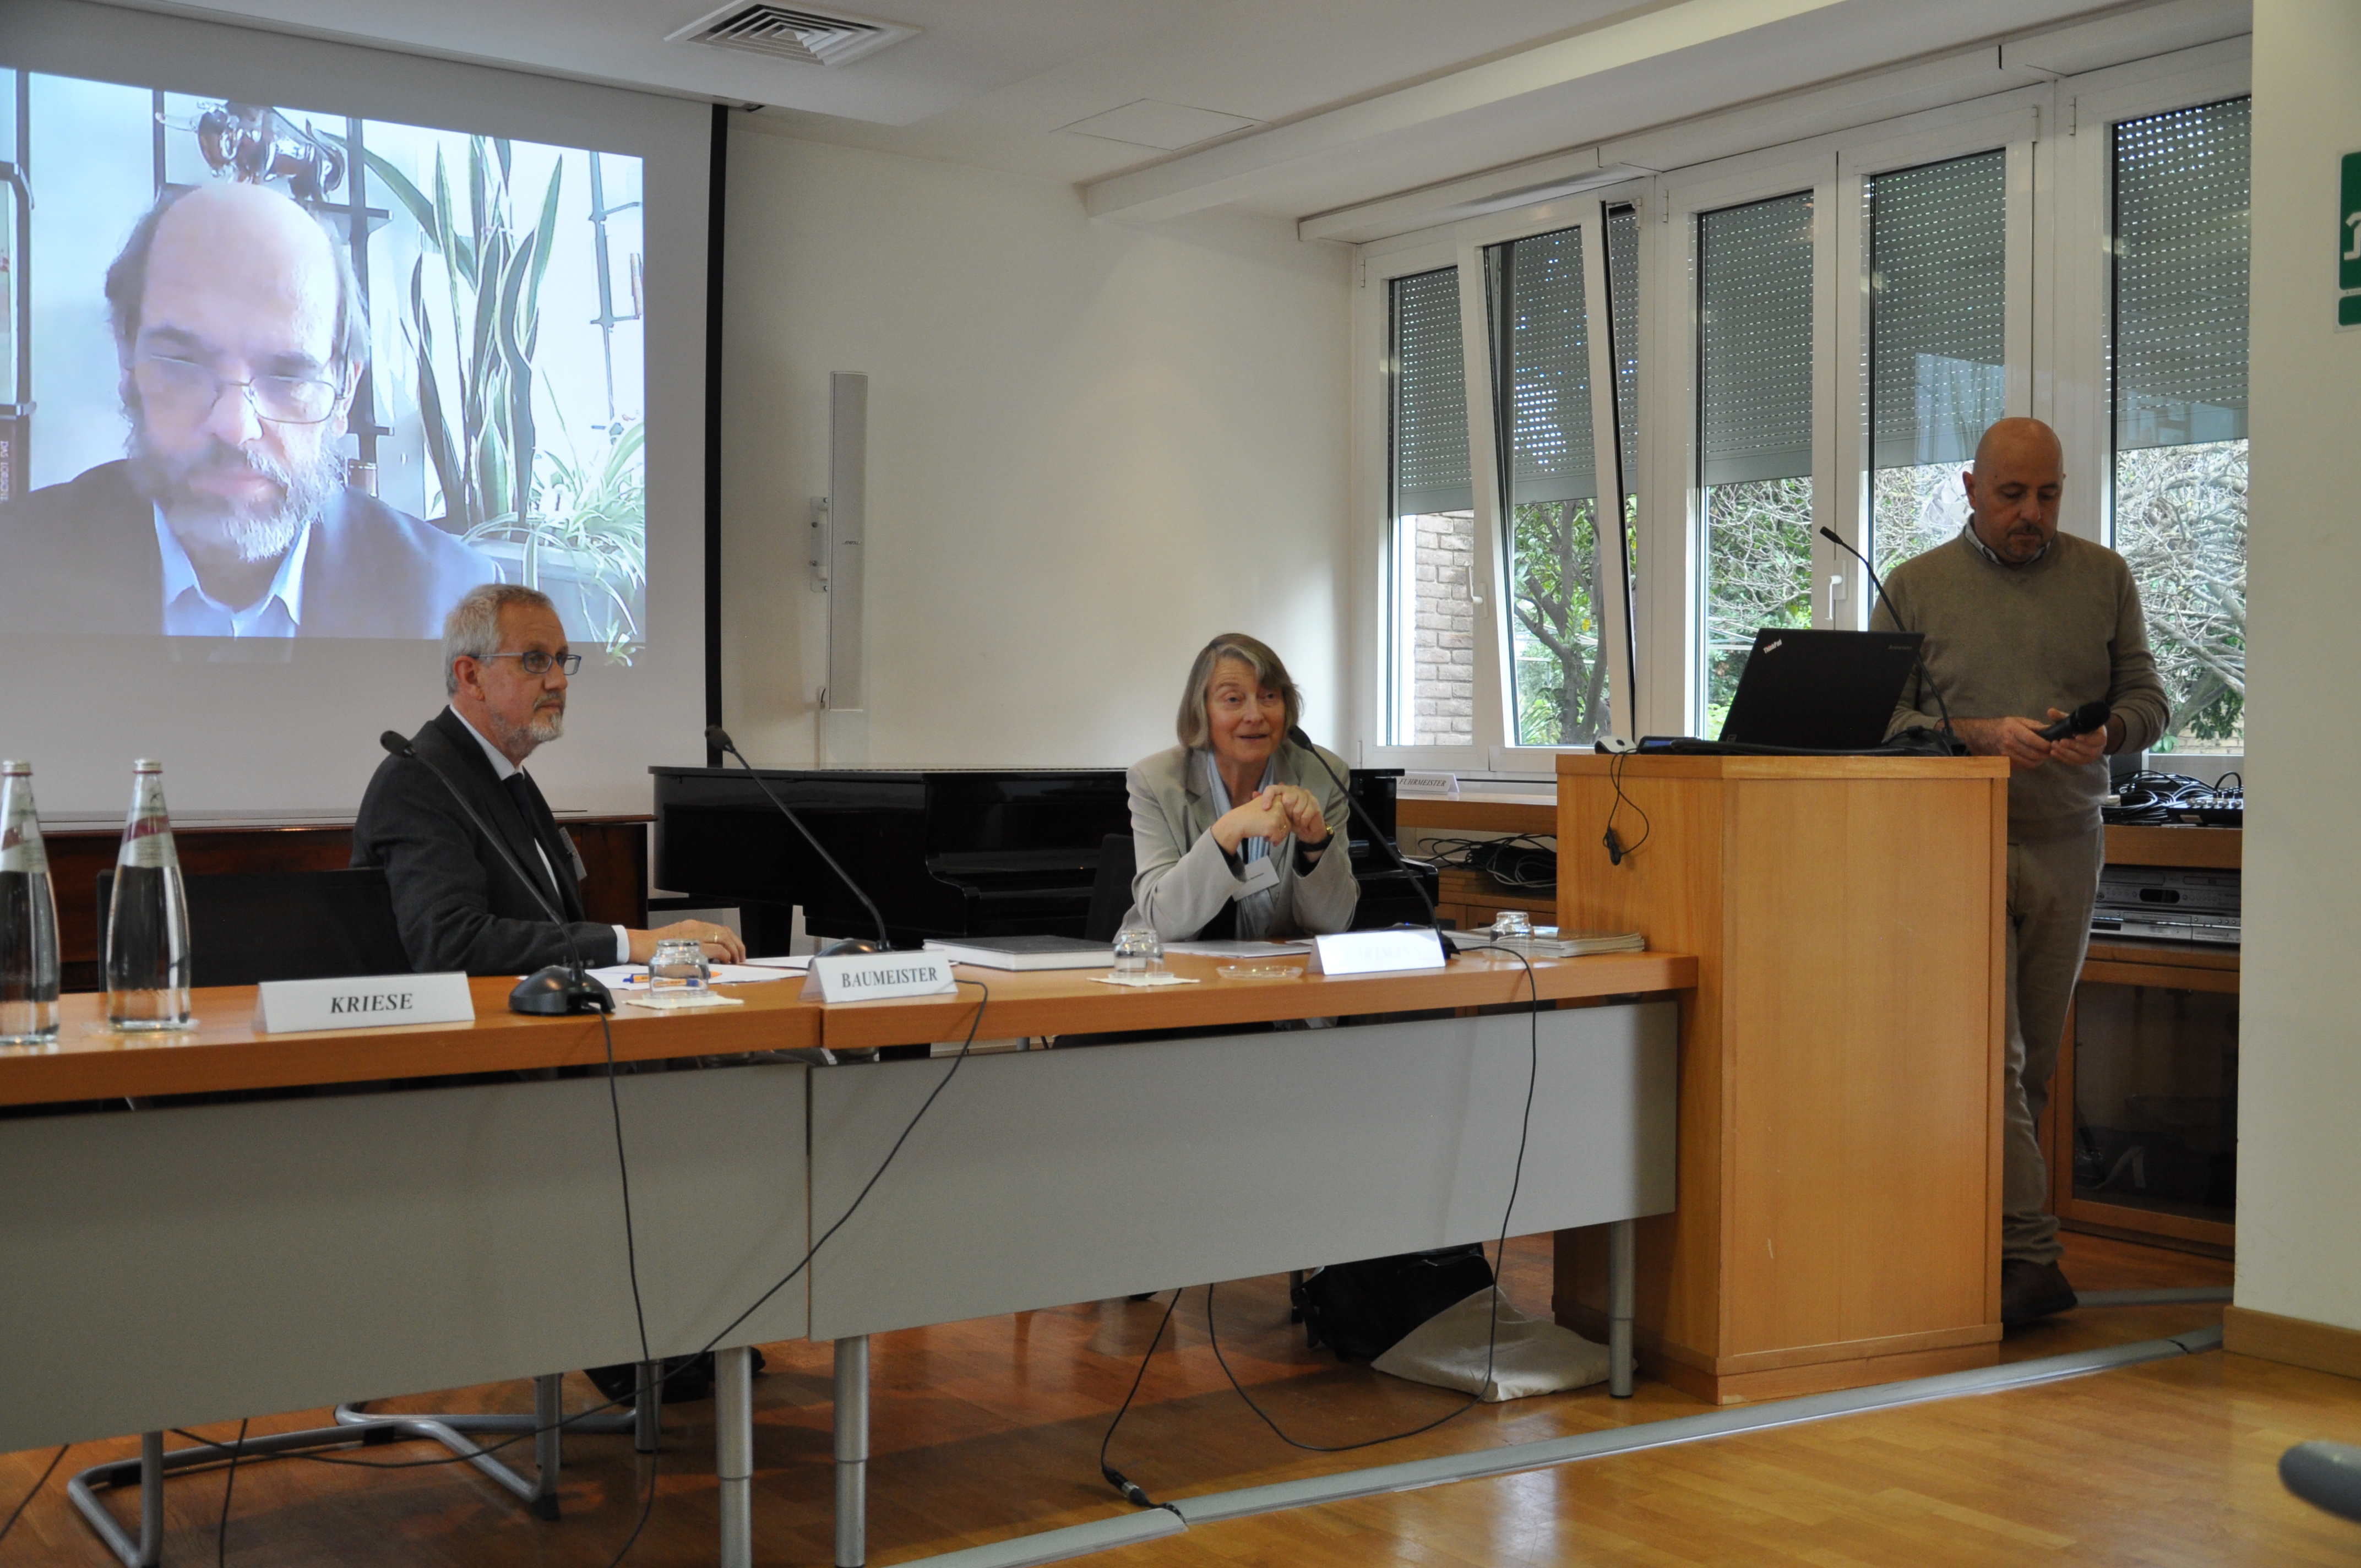 Der Initiator des Symposiums, Prof. Dr. Arno Mentzel-Reuters, konnte nur virtuell anwesend sein.